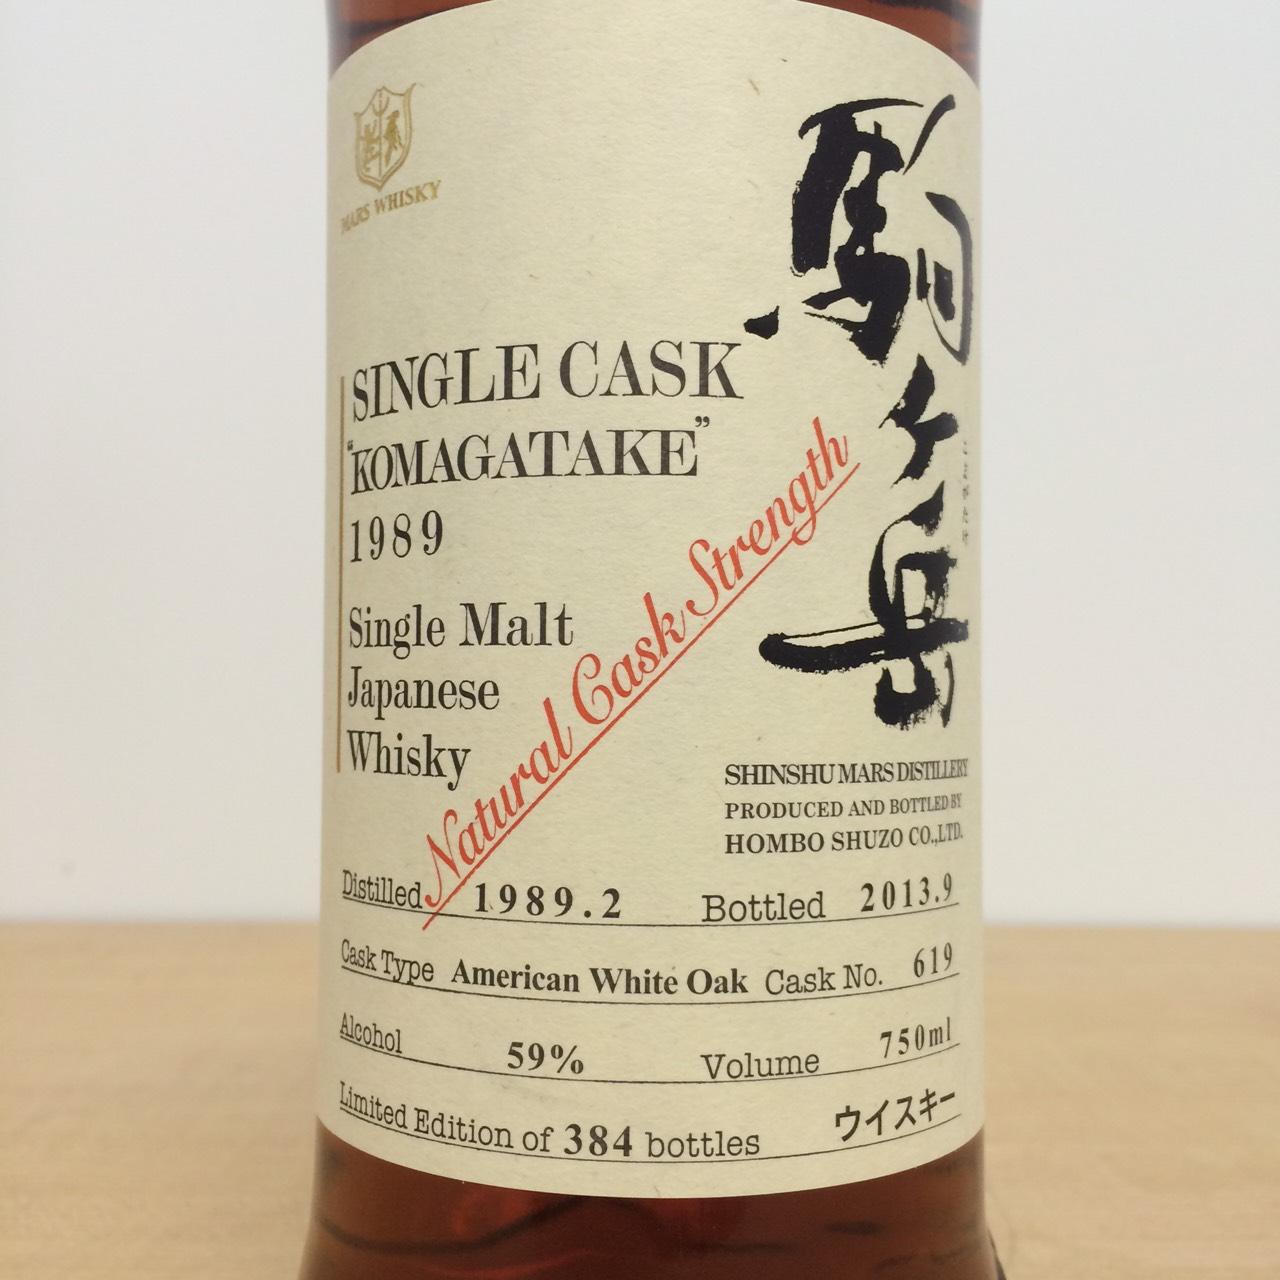 駒ケ岳 シングルカスク 1989年